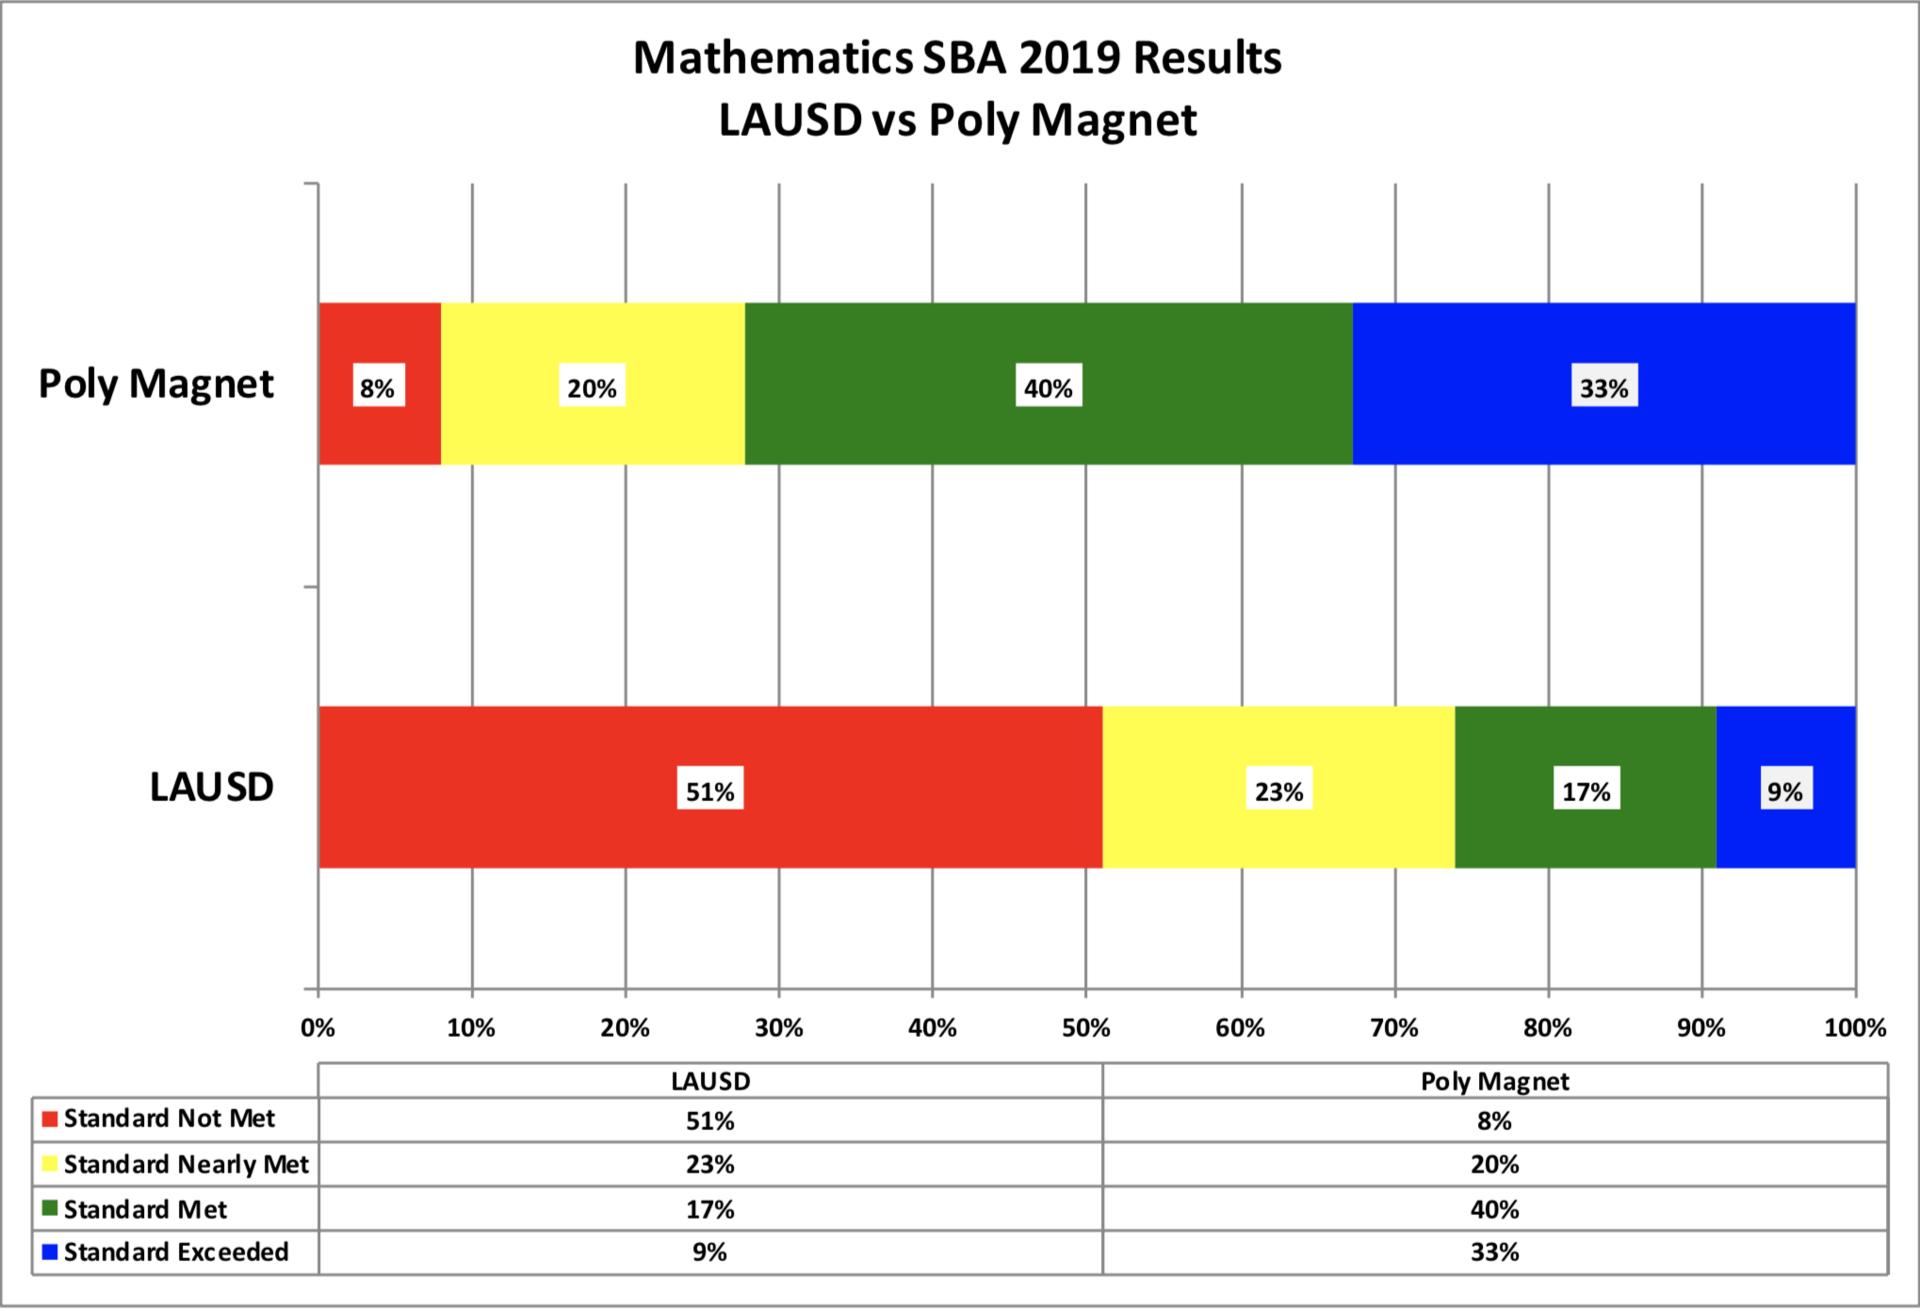 Math SBA 2019